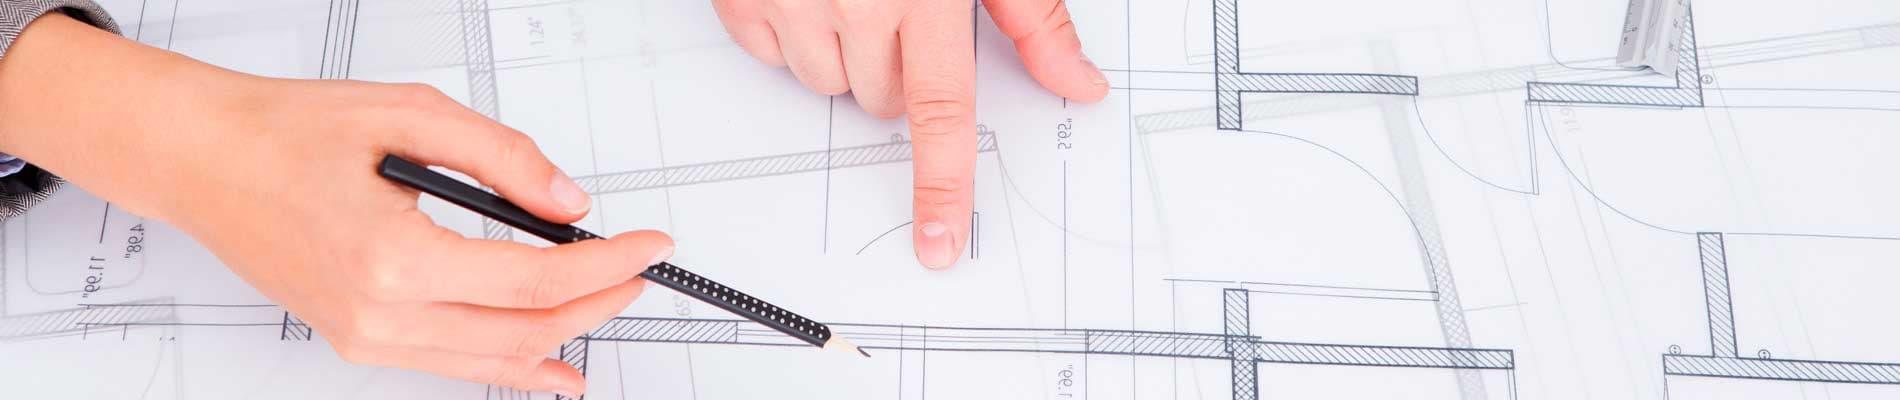 Delineación/CAD construcción/proyectos de construcción